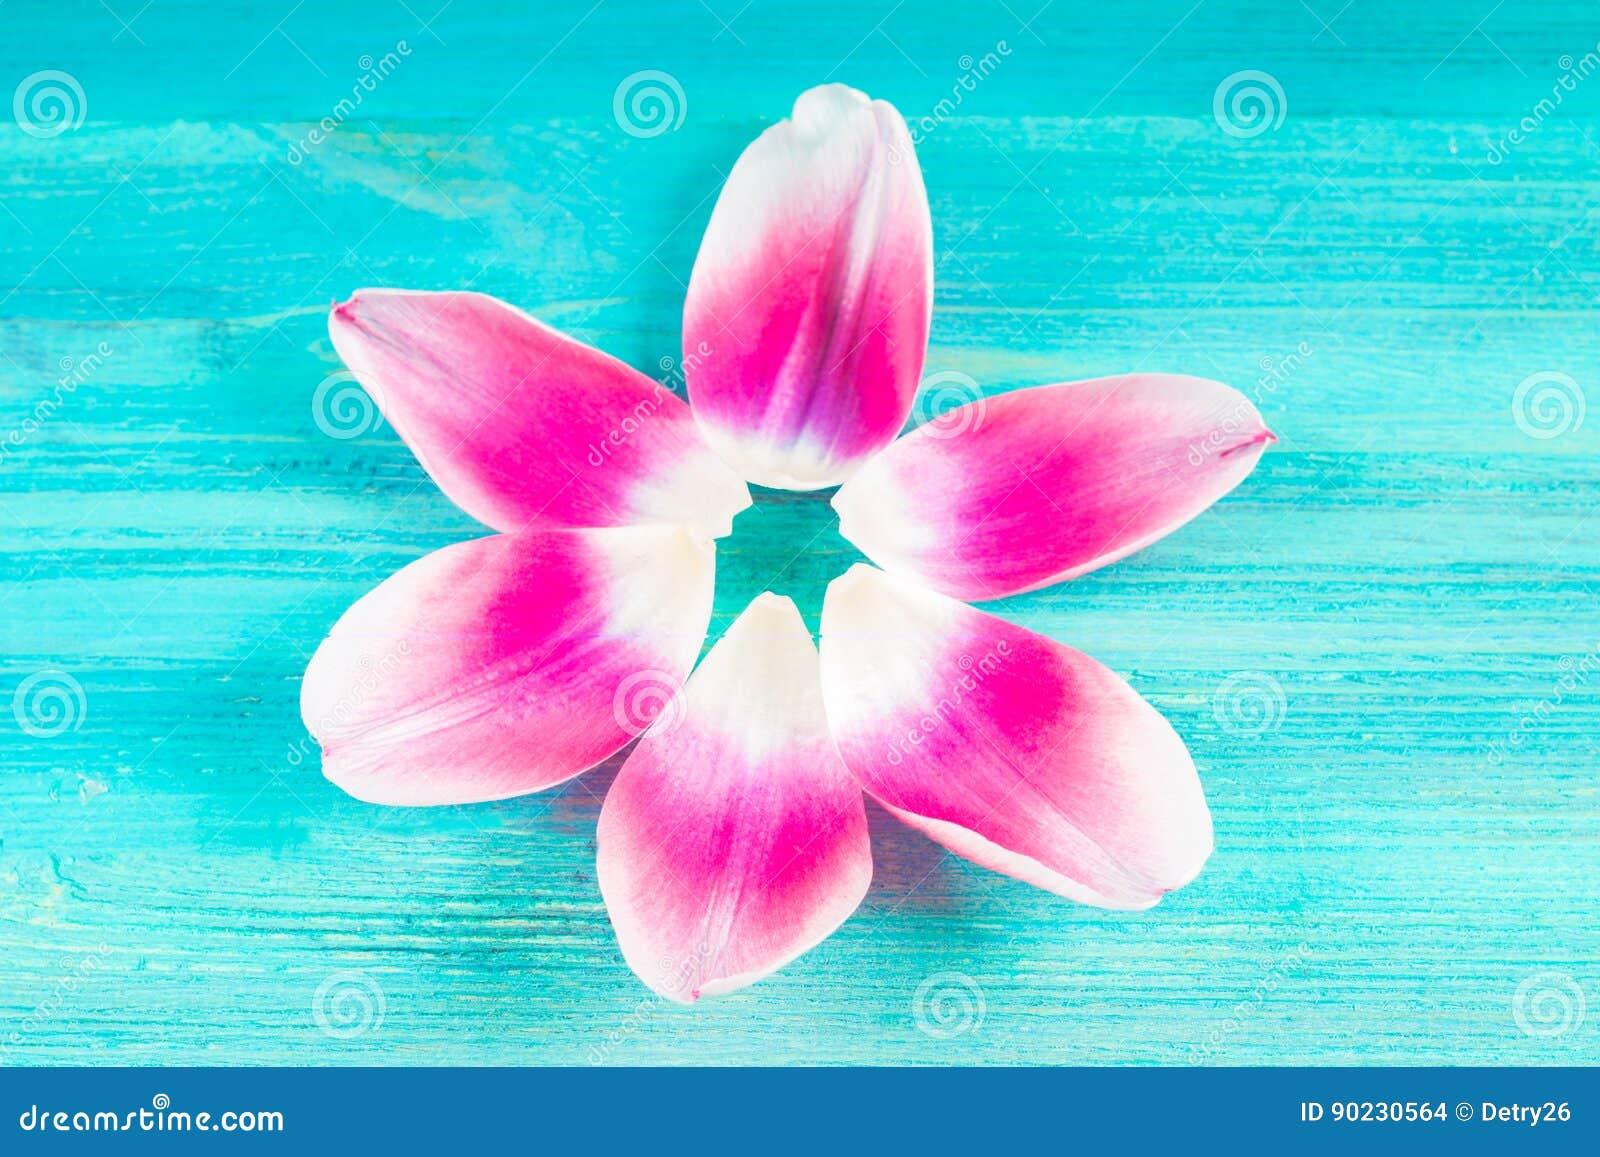 Fleur De Sous Bois Bleue pétales roses d'une tulipe sous forme de fleur sur un fond